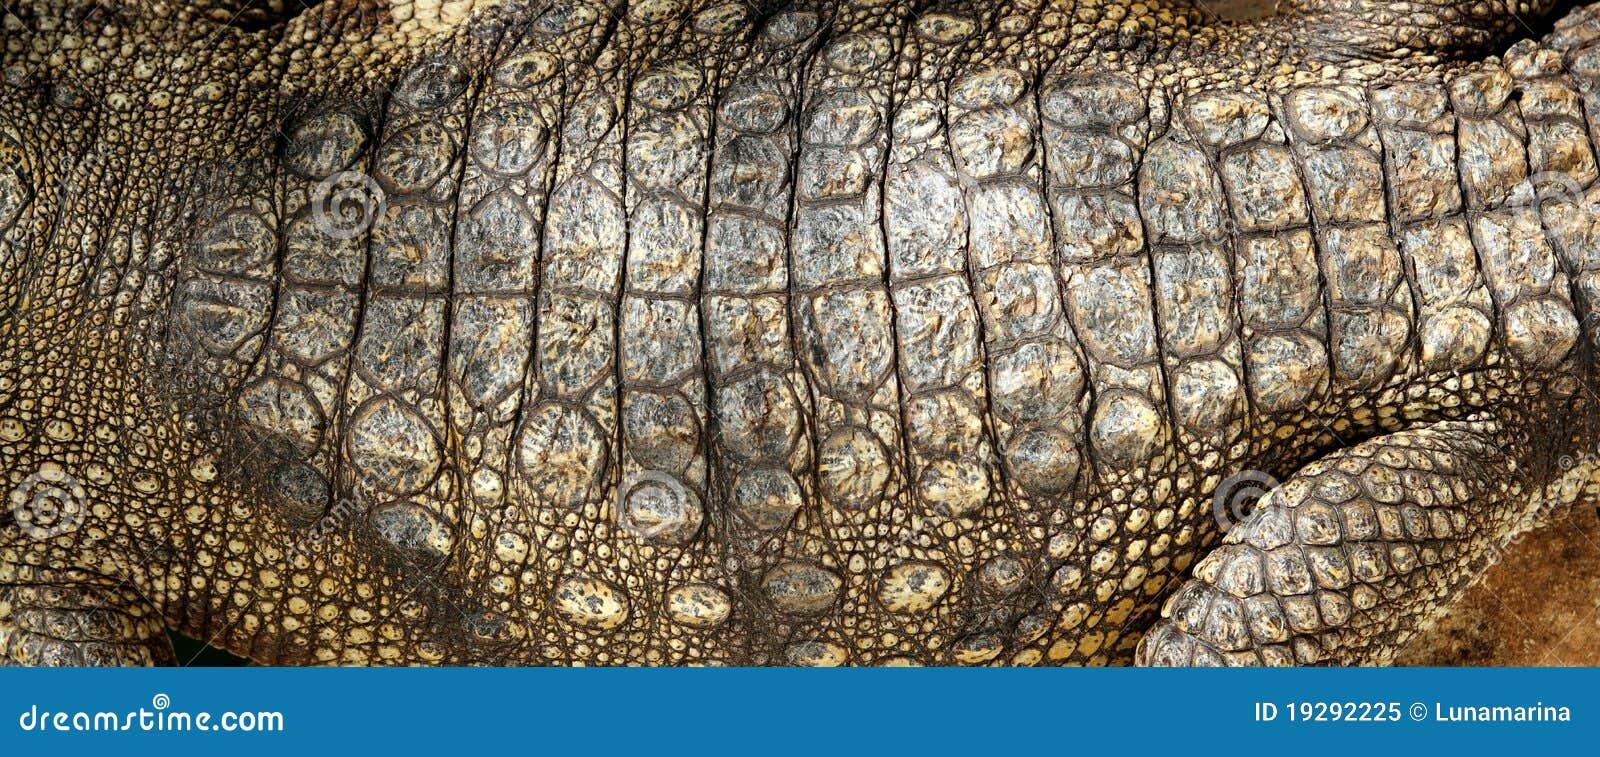 Het levende detail van de de huid macrotextuur van de krokodil echte stock afbeelding - Fotos van levende ...